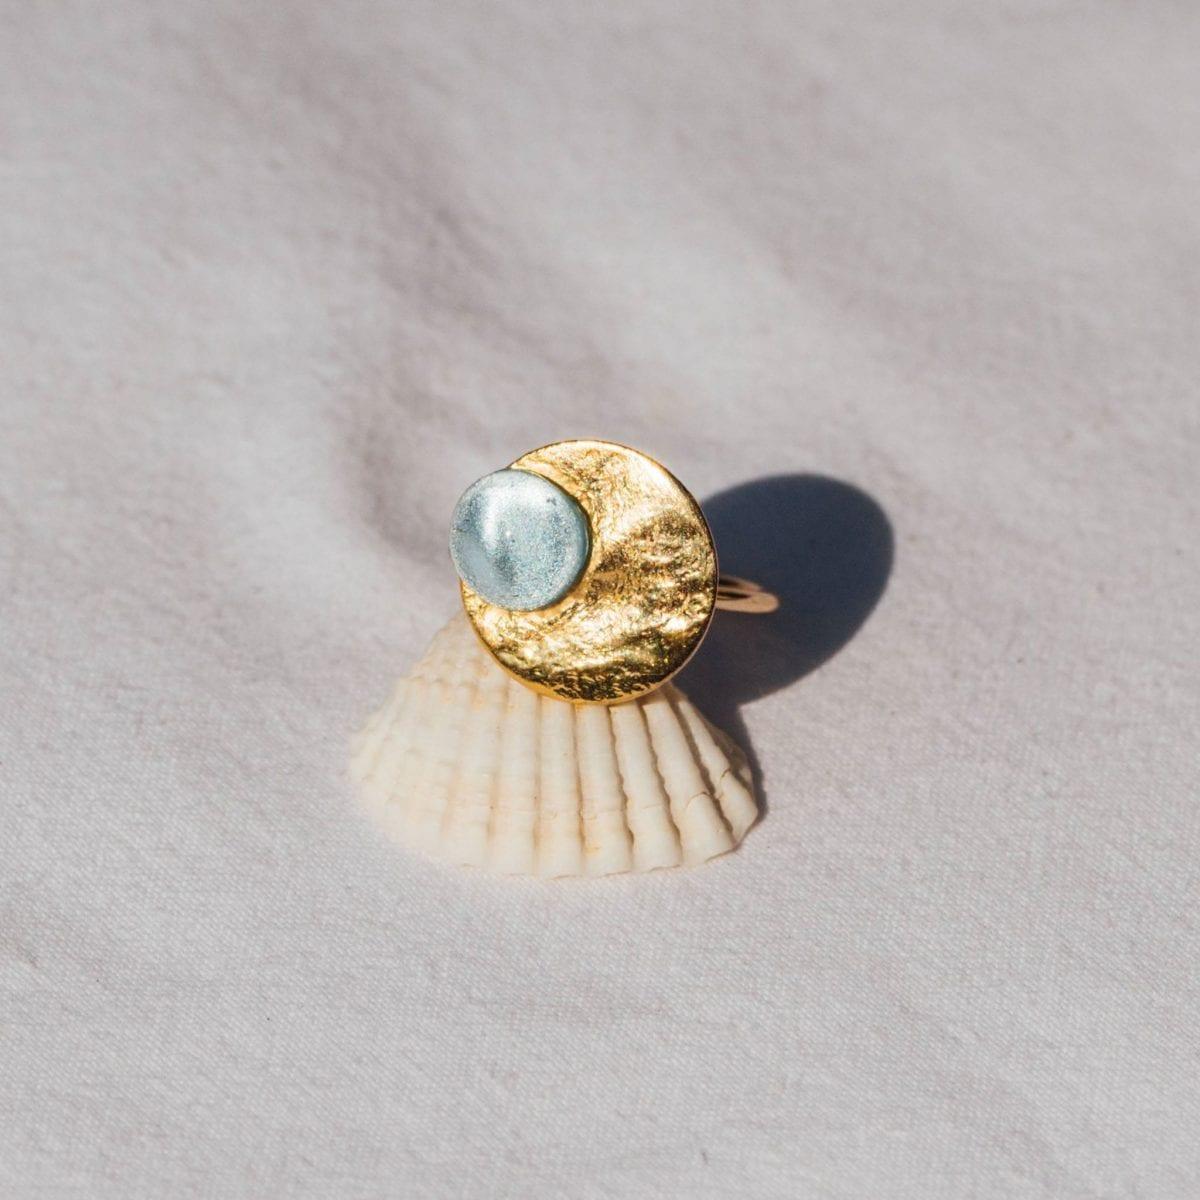 Les bijoux Cassiopée Paris souhaitent faire des femmes d'aujourd'hui de véritables héroïnes contemporaines, à l'image de la reine Cassiopée.